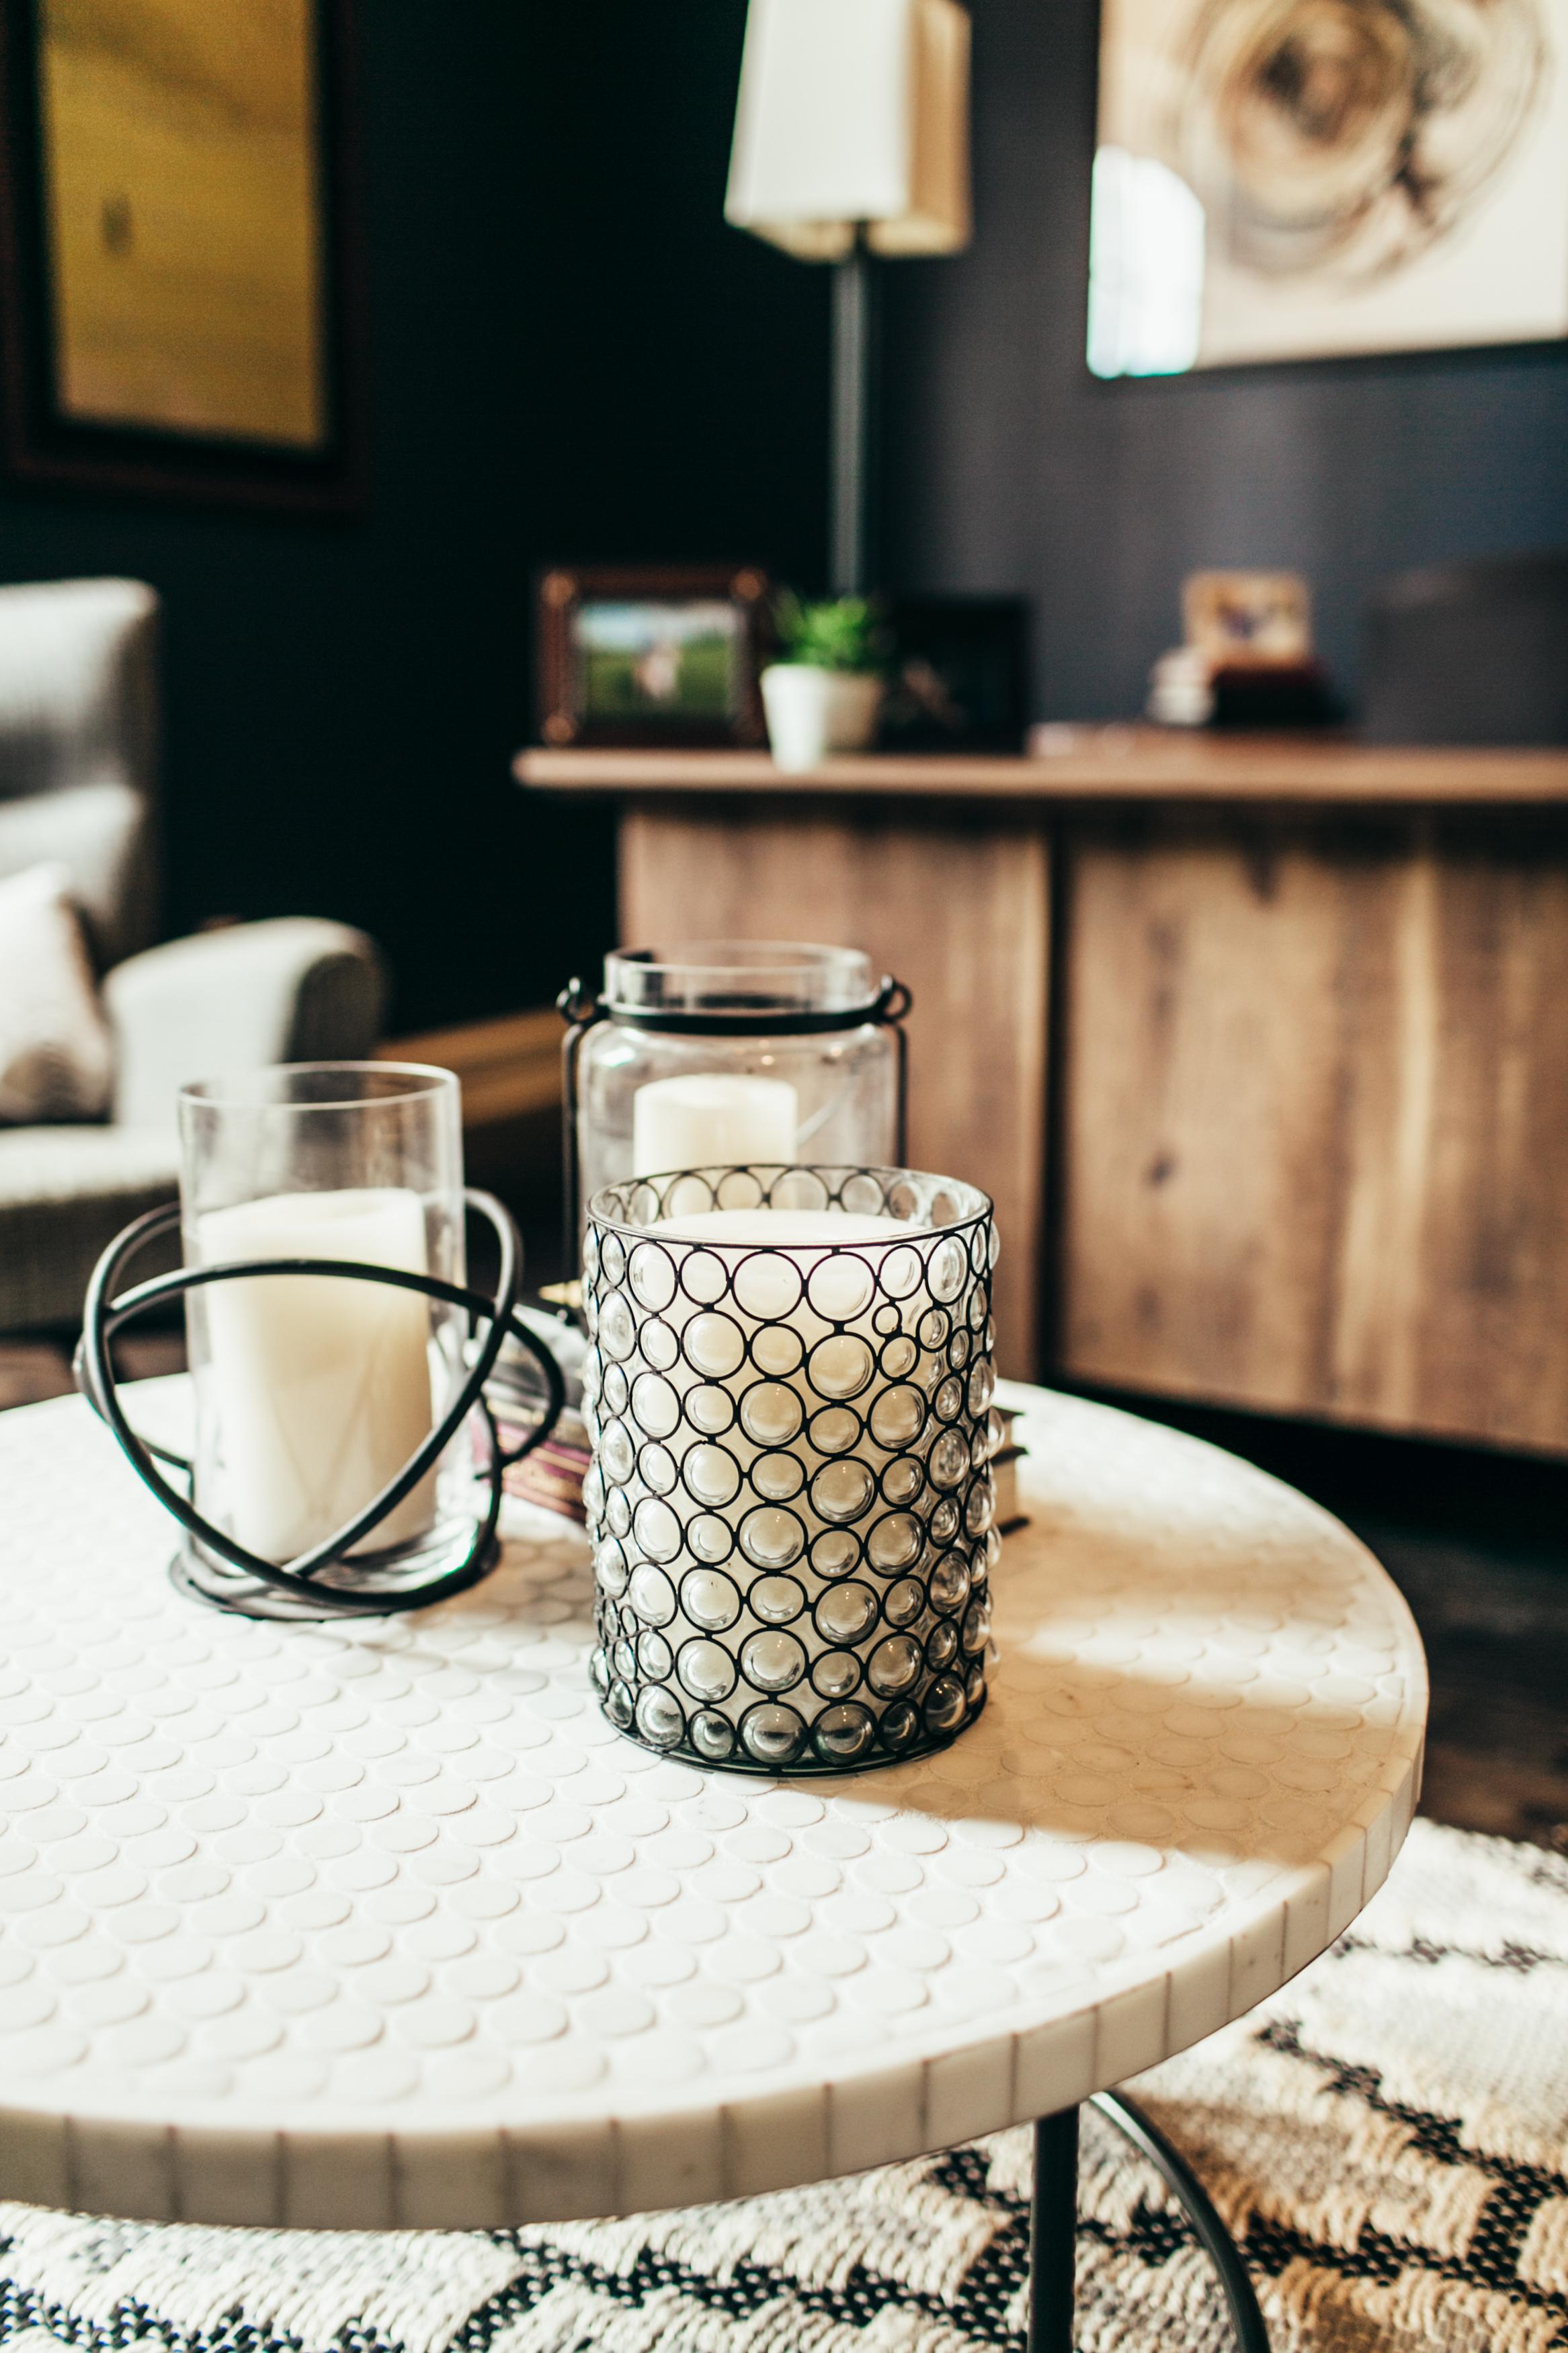 Home Office Design0.jpg